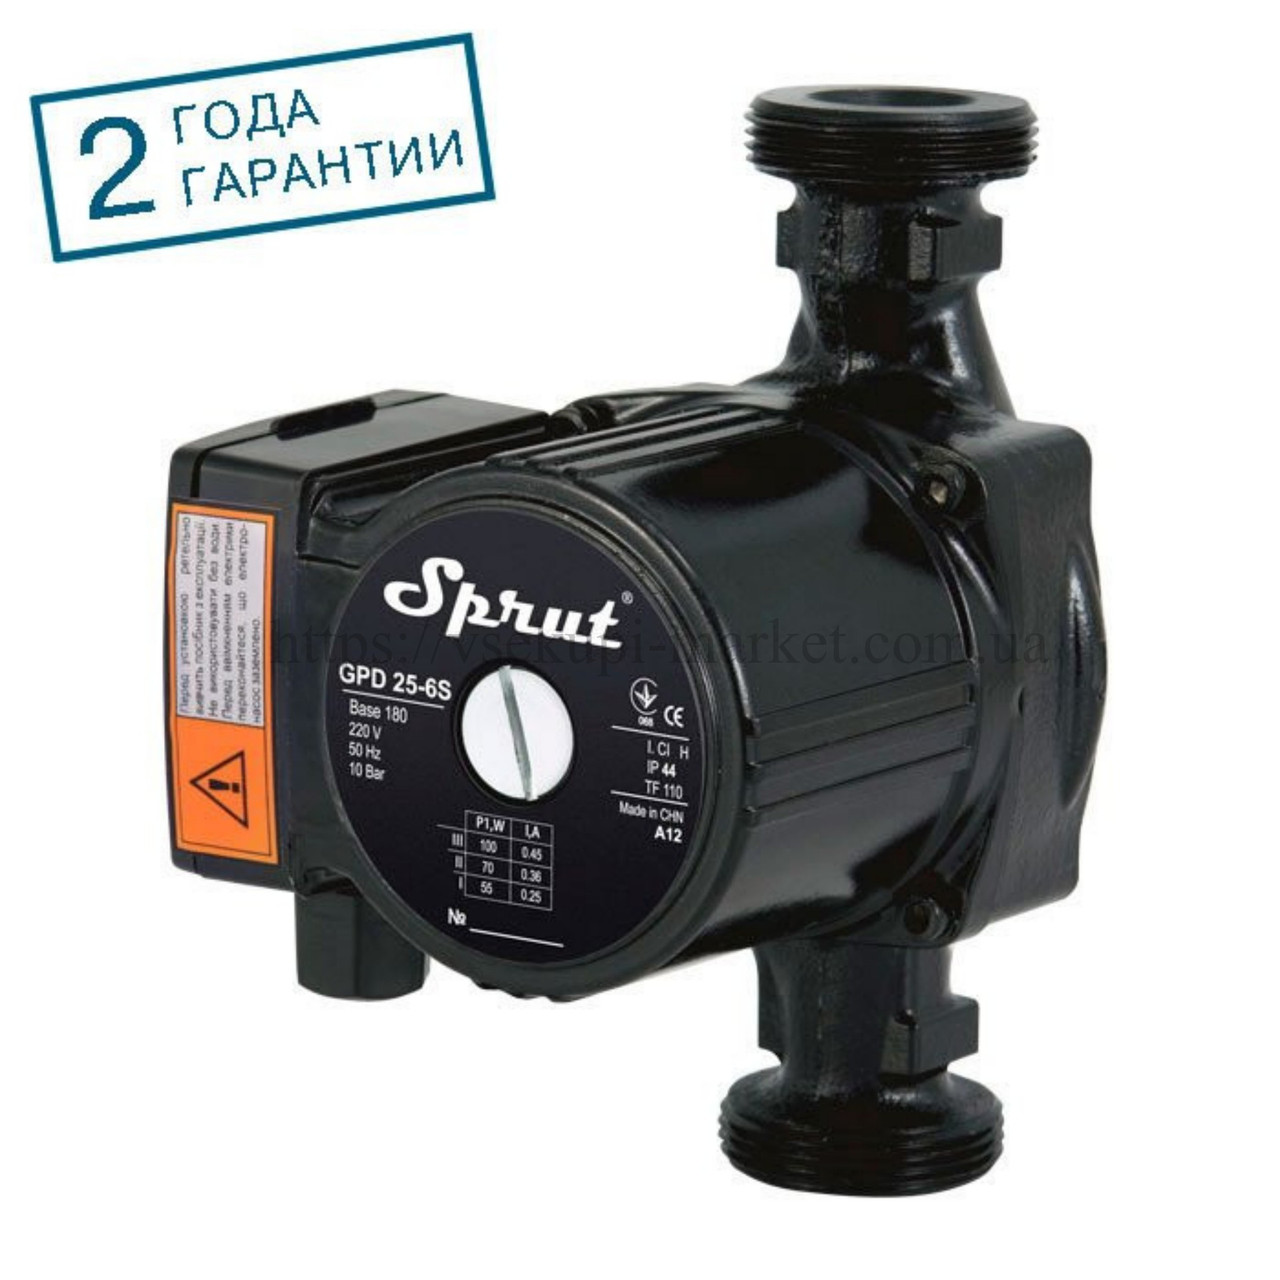 Циркуляционный насос Sprut GPD 25-6S-180, присоединительный комплект